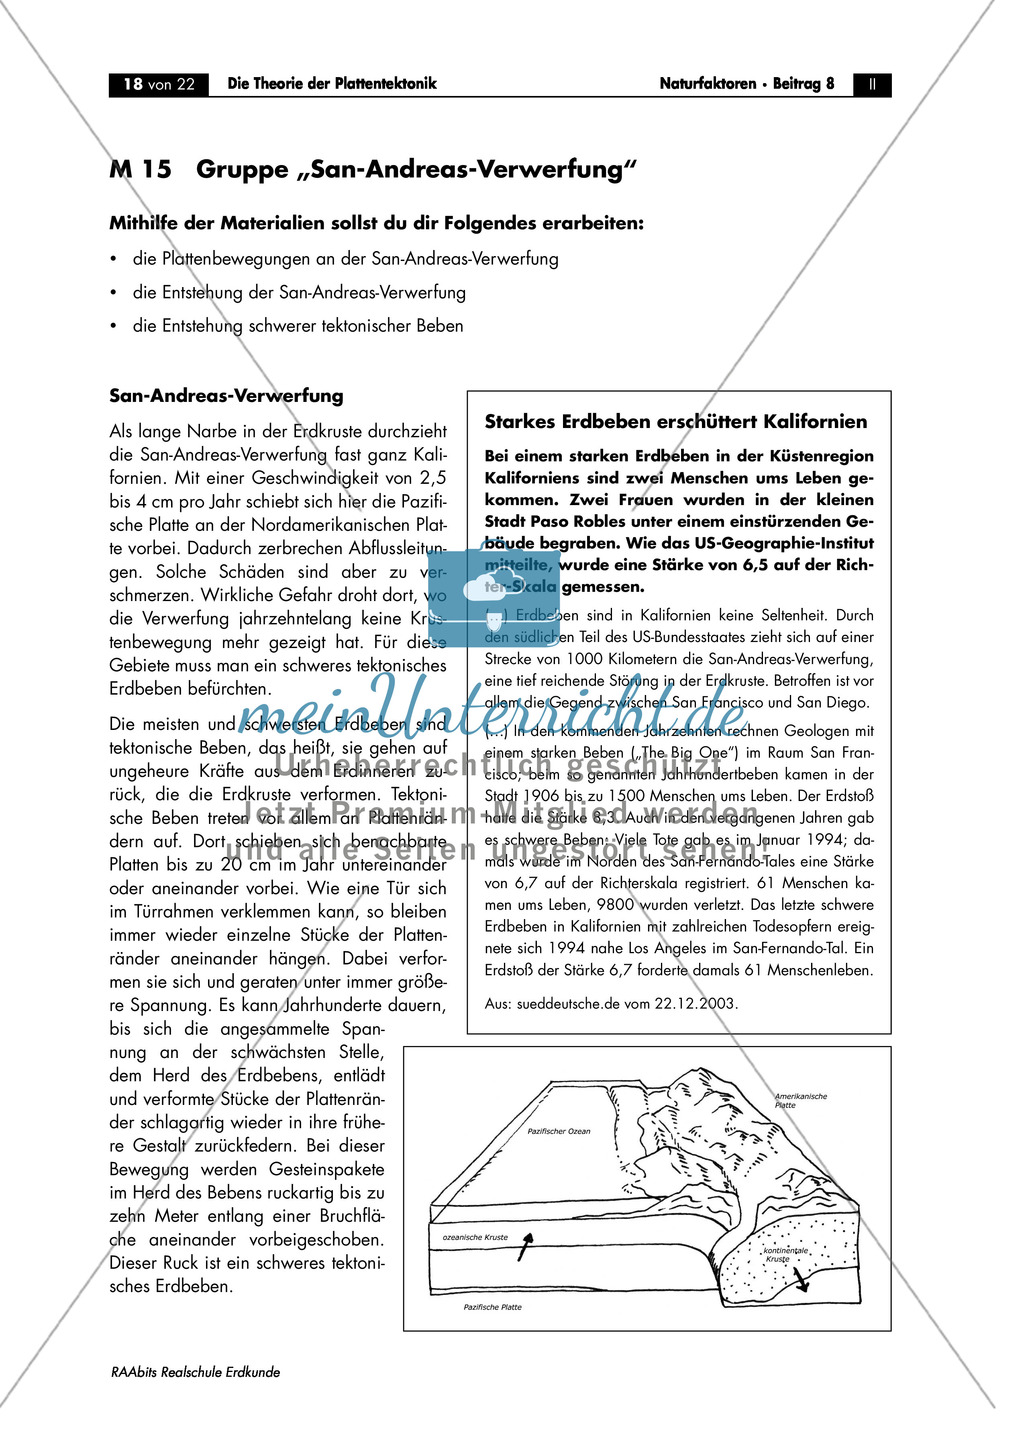 Plattentektonik anhand von Raumbeispielen: San-Andreas-Verwerfung ...